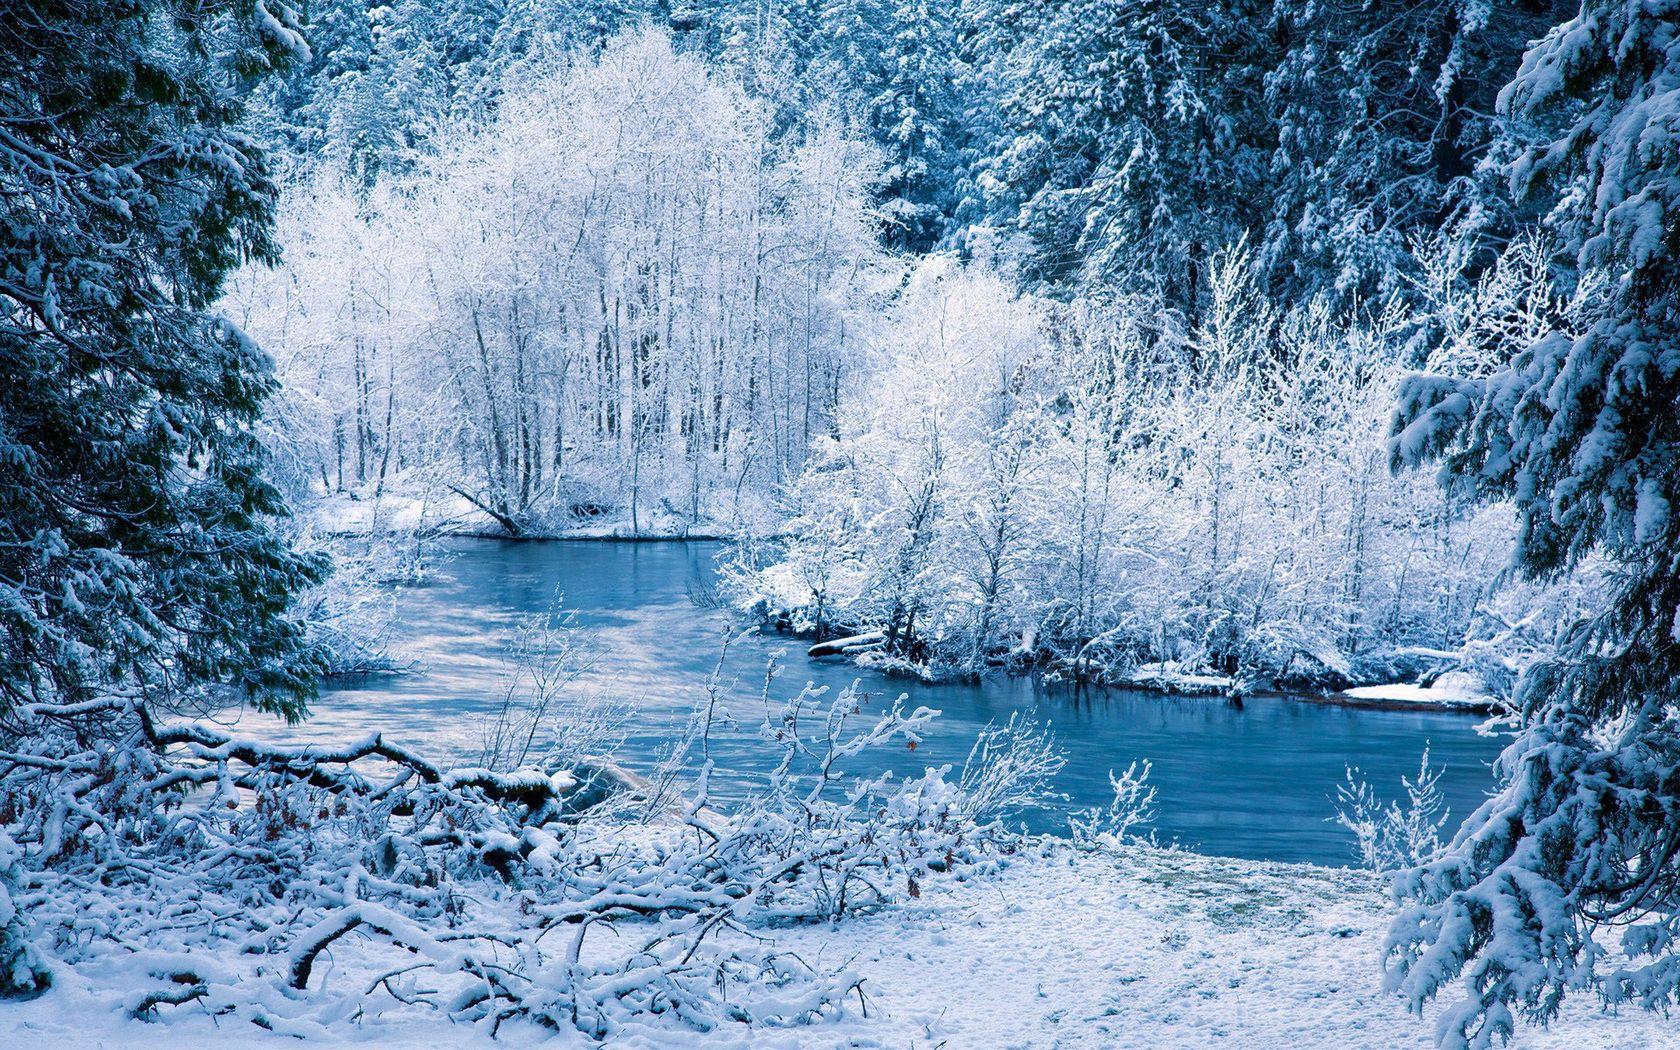 121259 скачать обои Зима, Пейзаж, Природа, Деревья, Река, Снег - заставки и картинки бесплатно